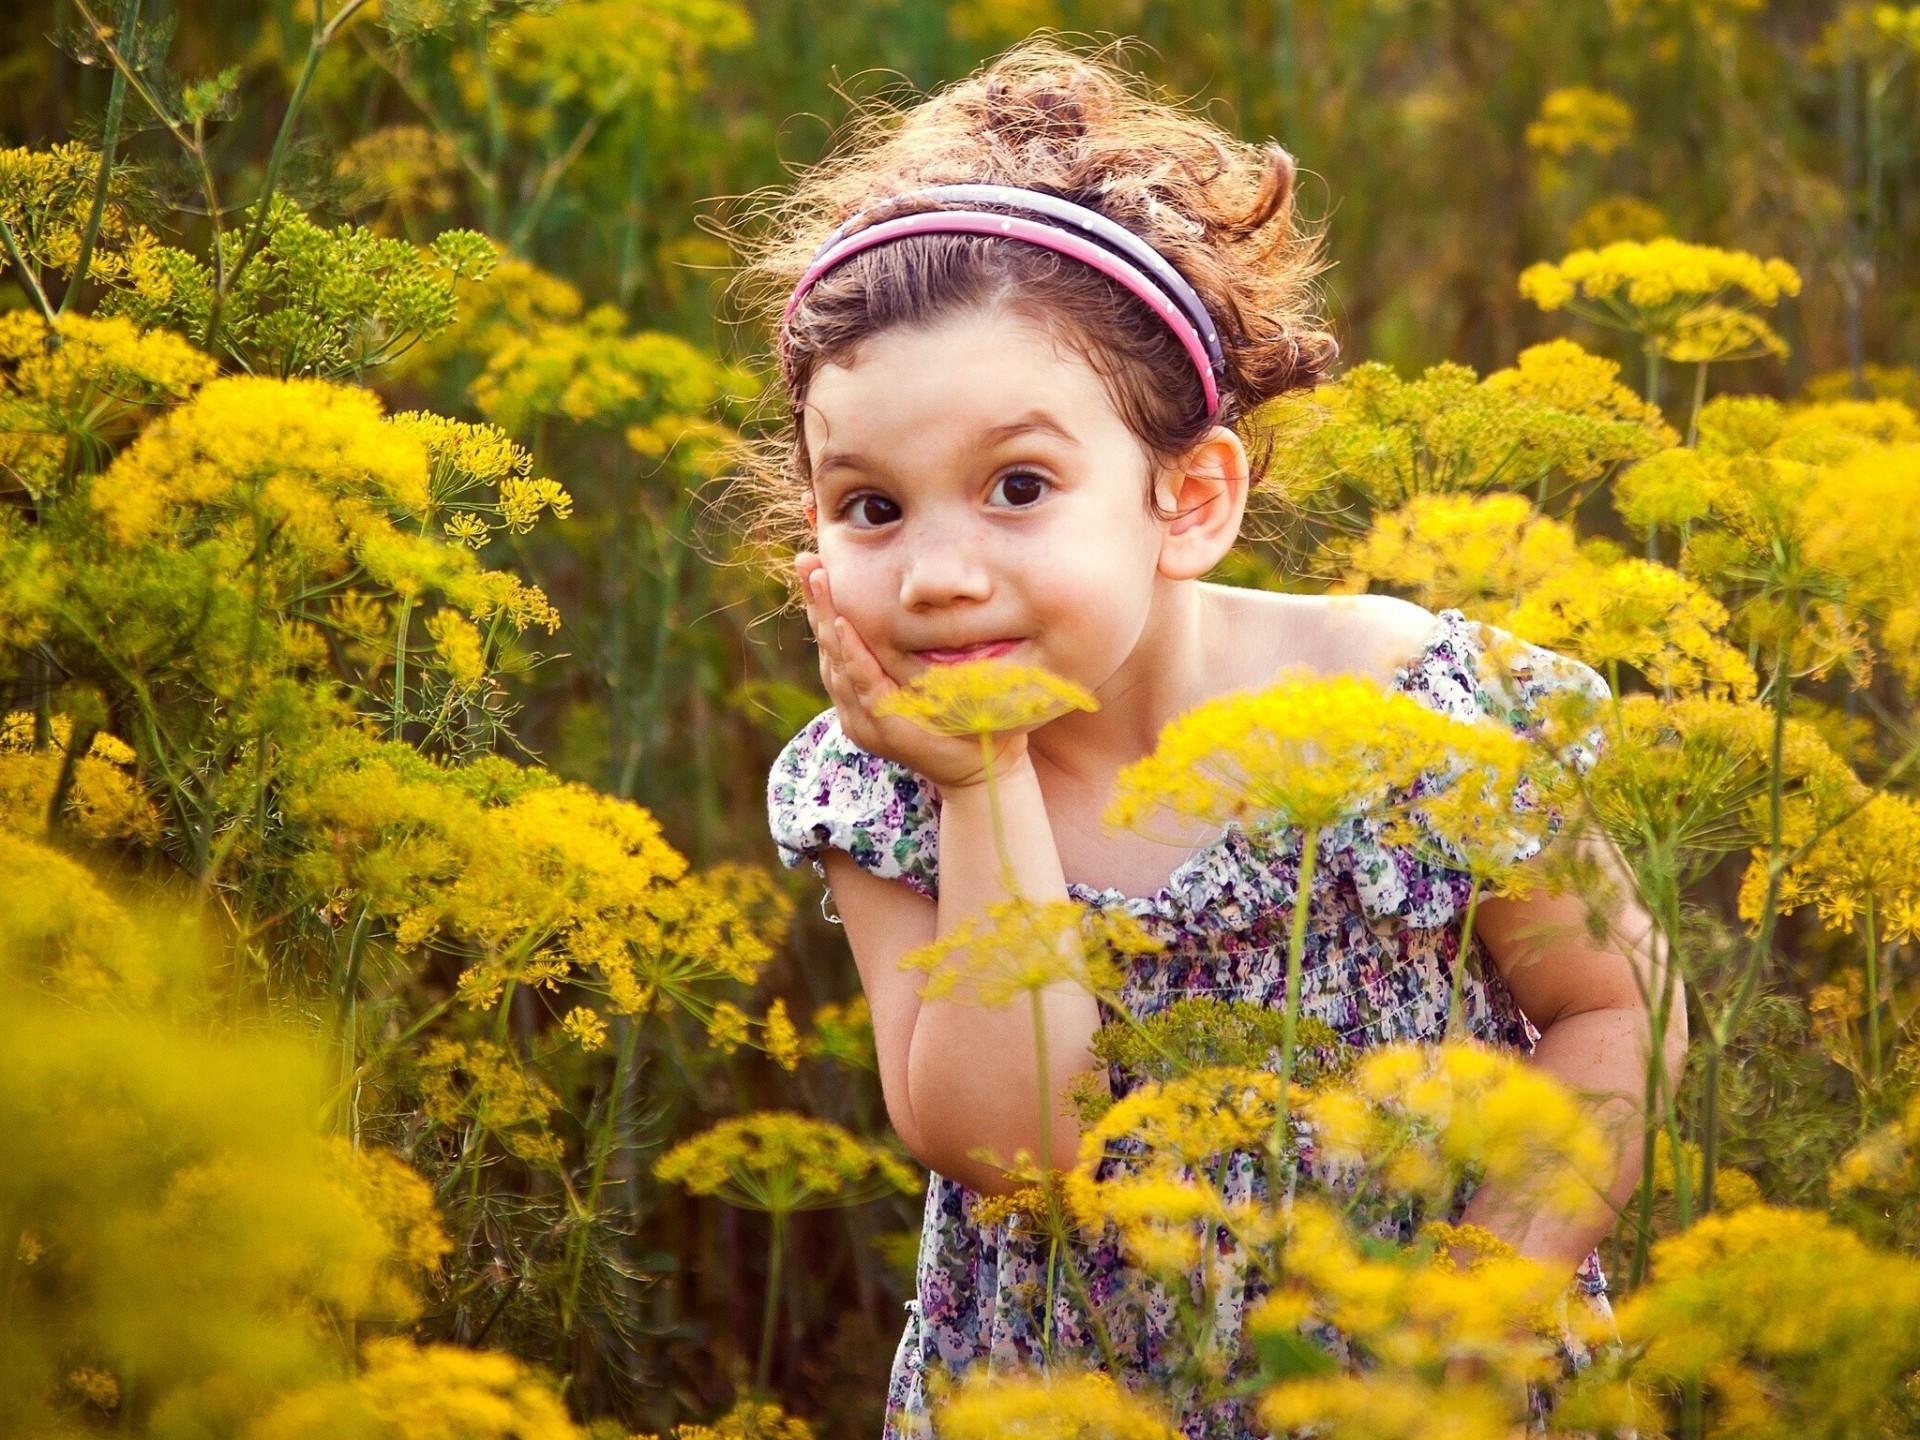 Смешные картинки дети на природе, картинки